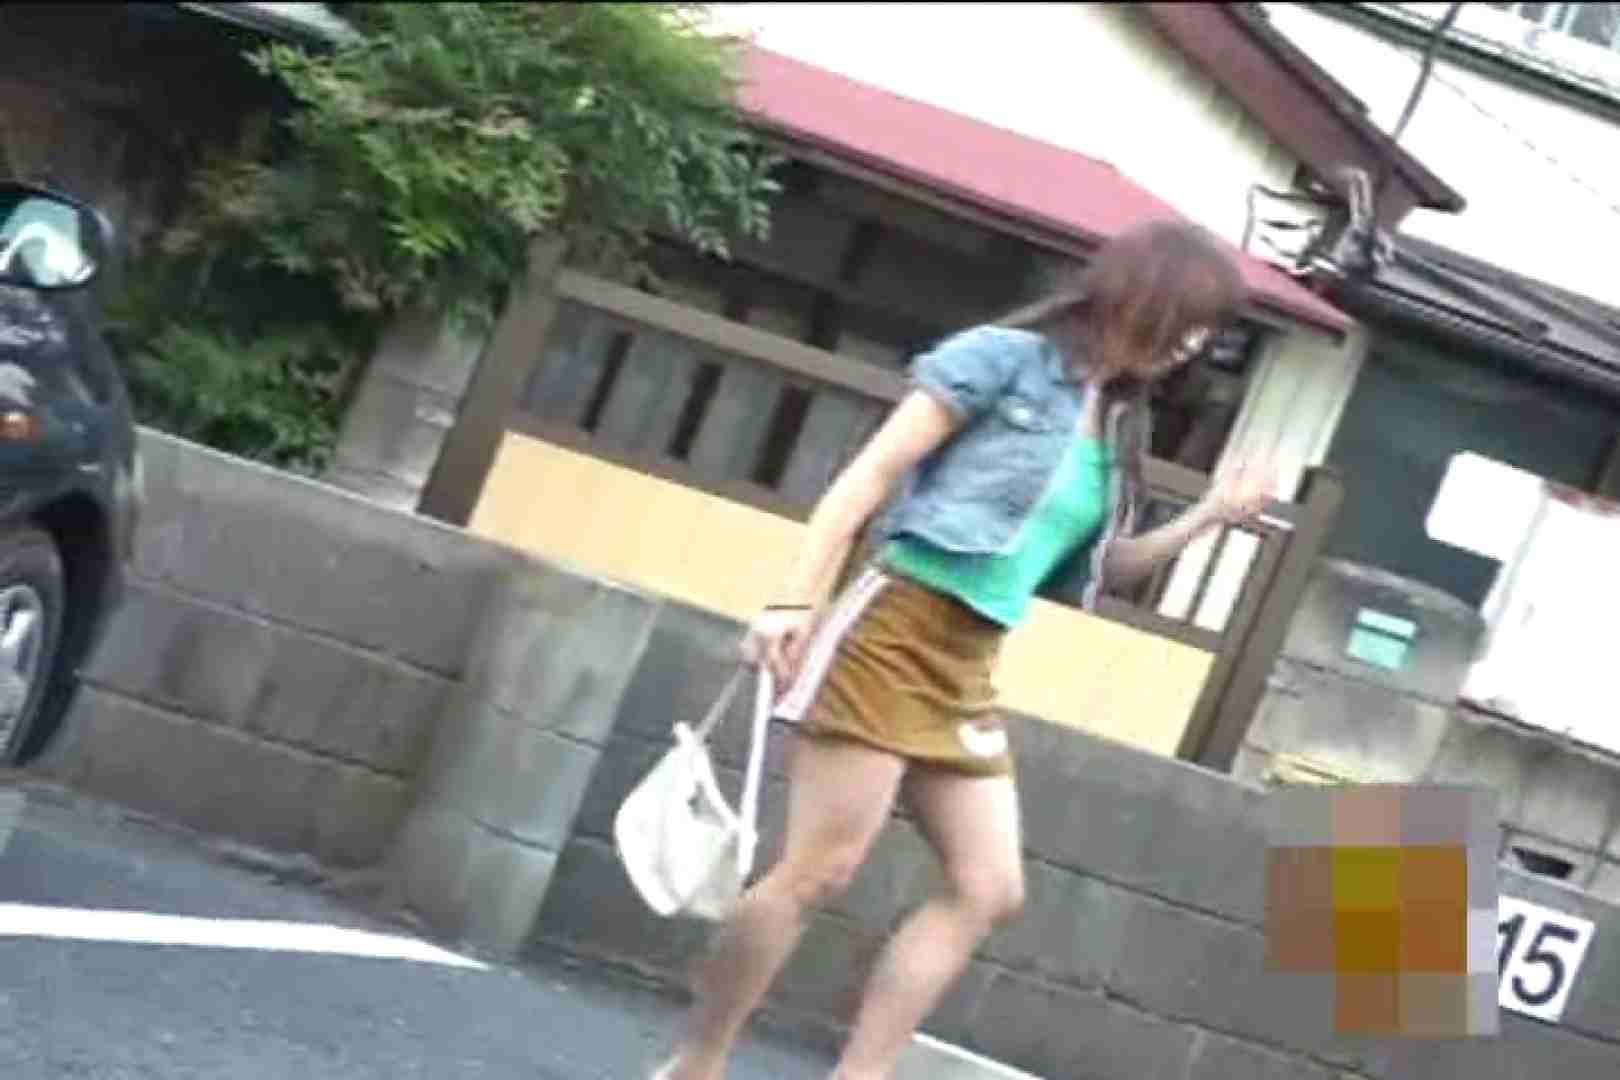 検証!隠し撮りスカートめくり!!Vol.3 美女OL  63連発 32